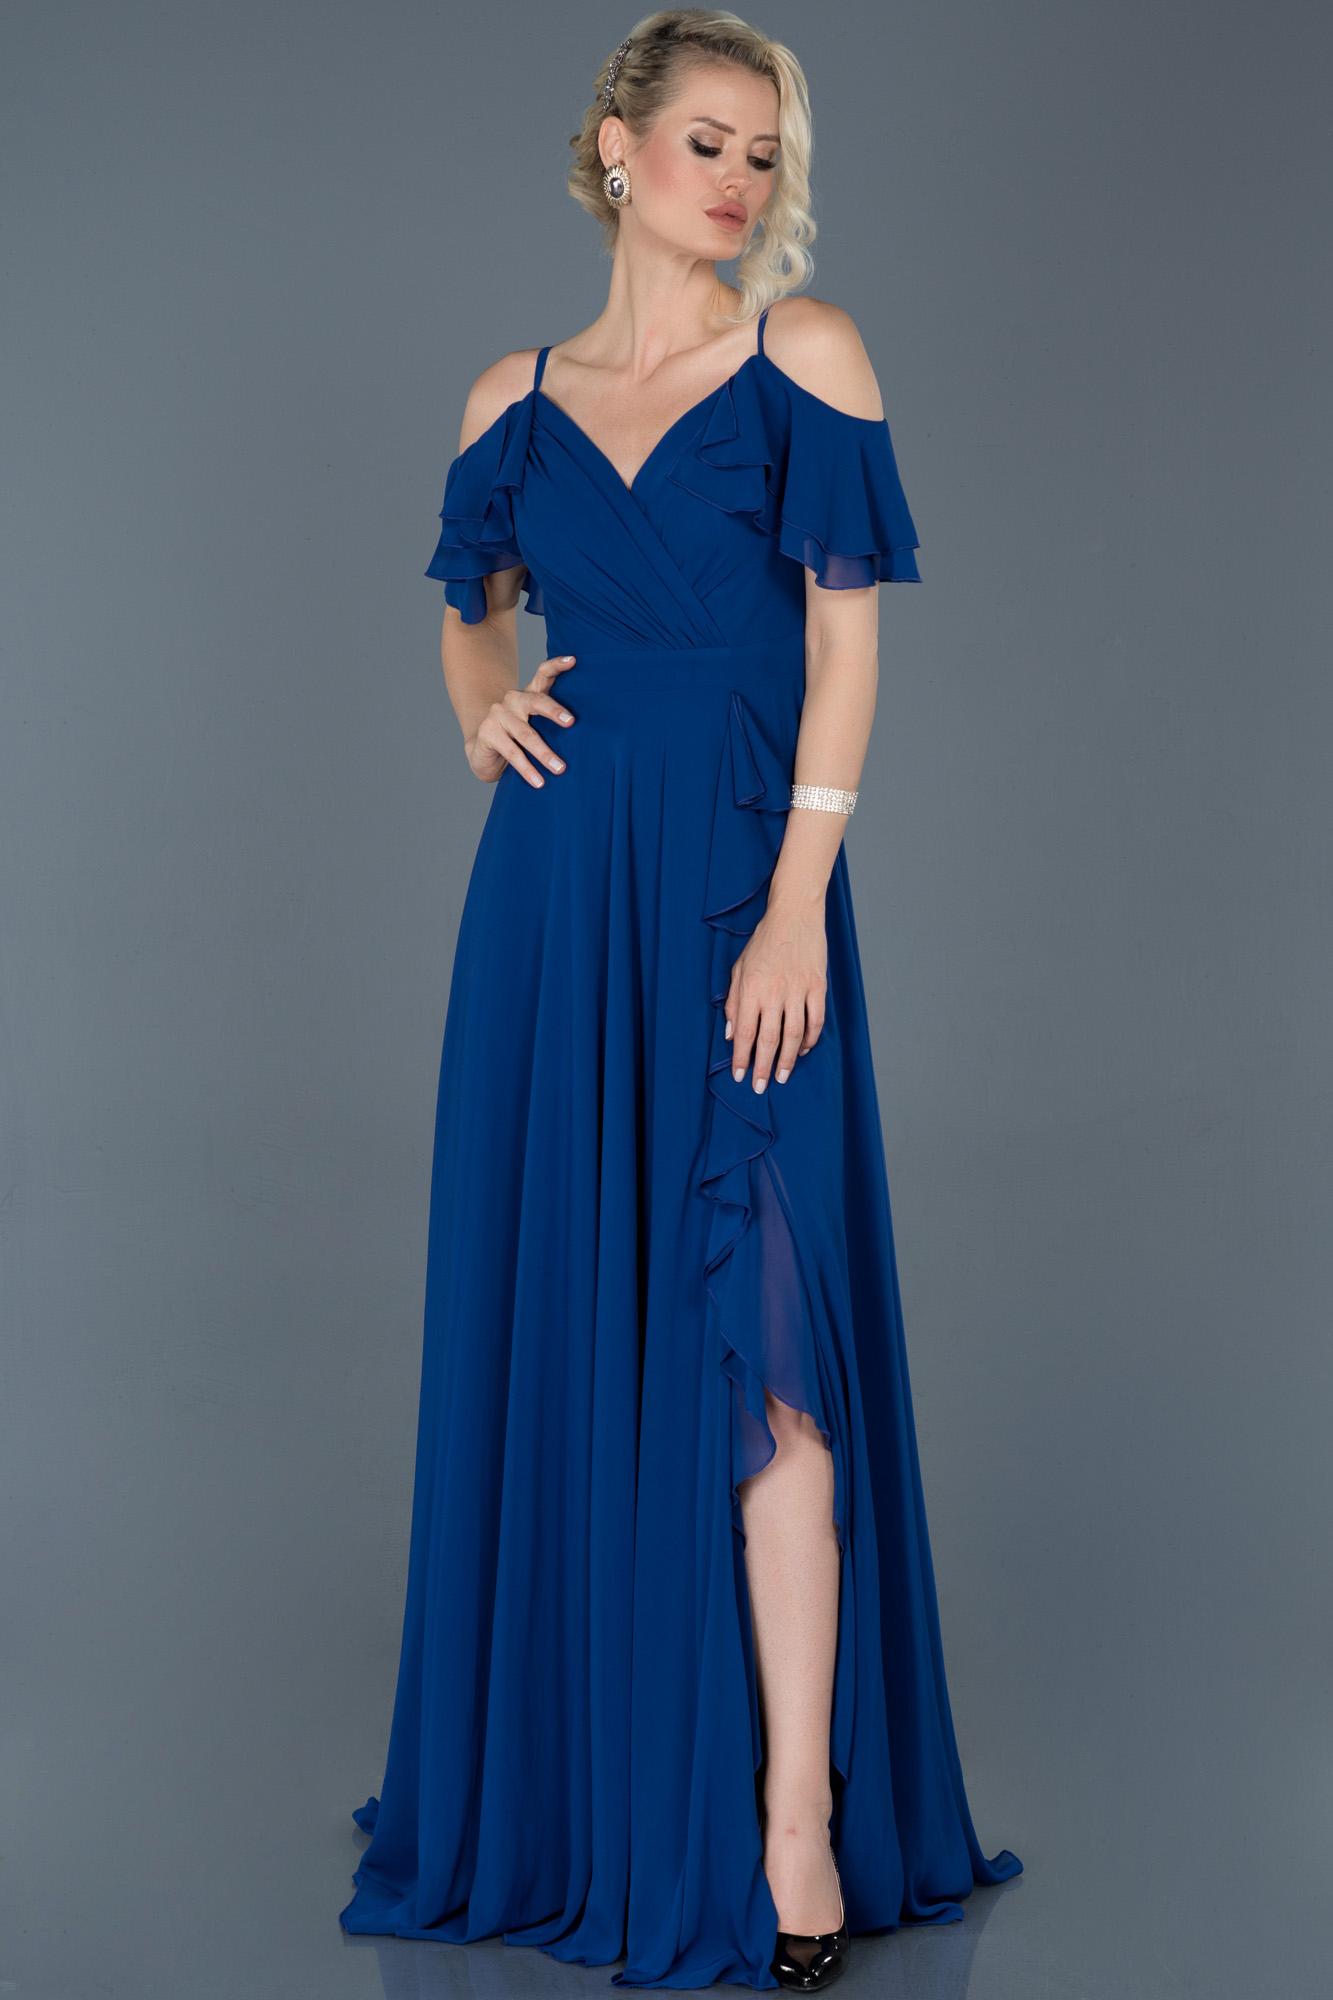 Saks Mavi Uzun Bacak Dekolteli Şifon Mezuniyet Elbisesi